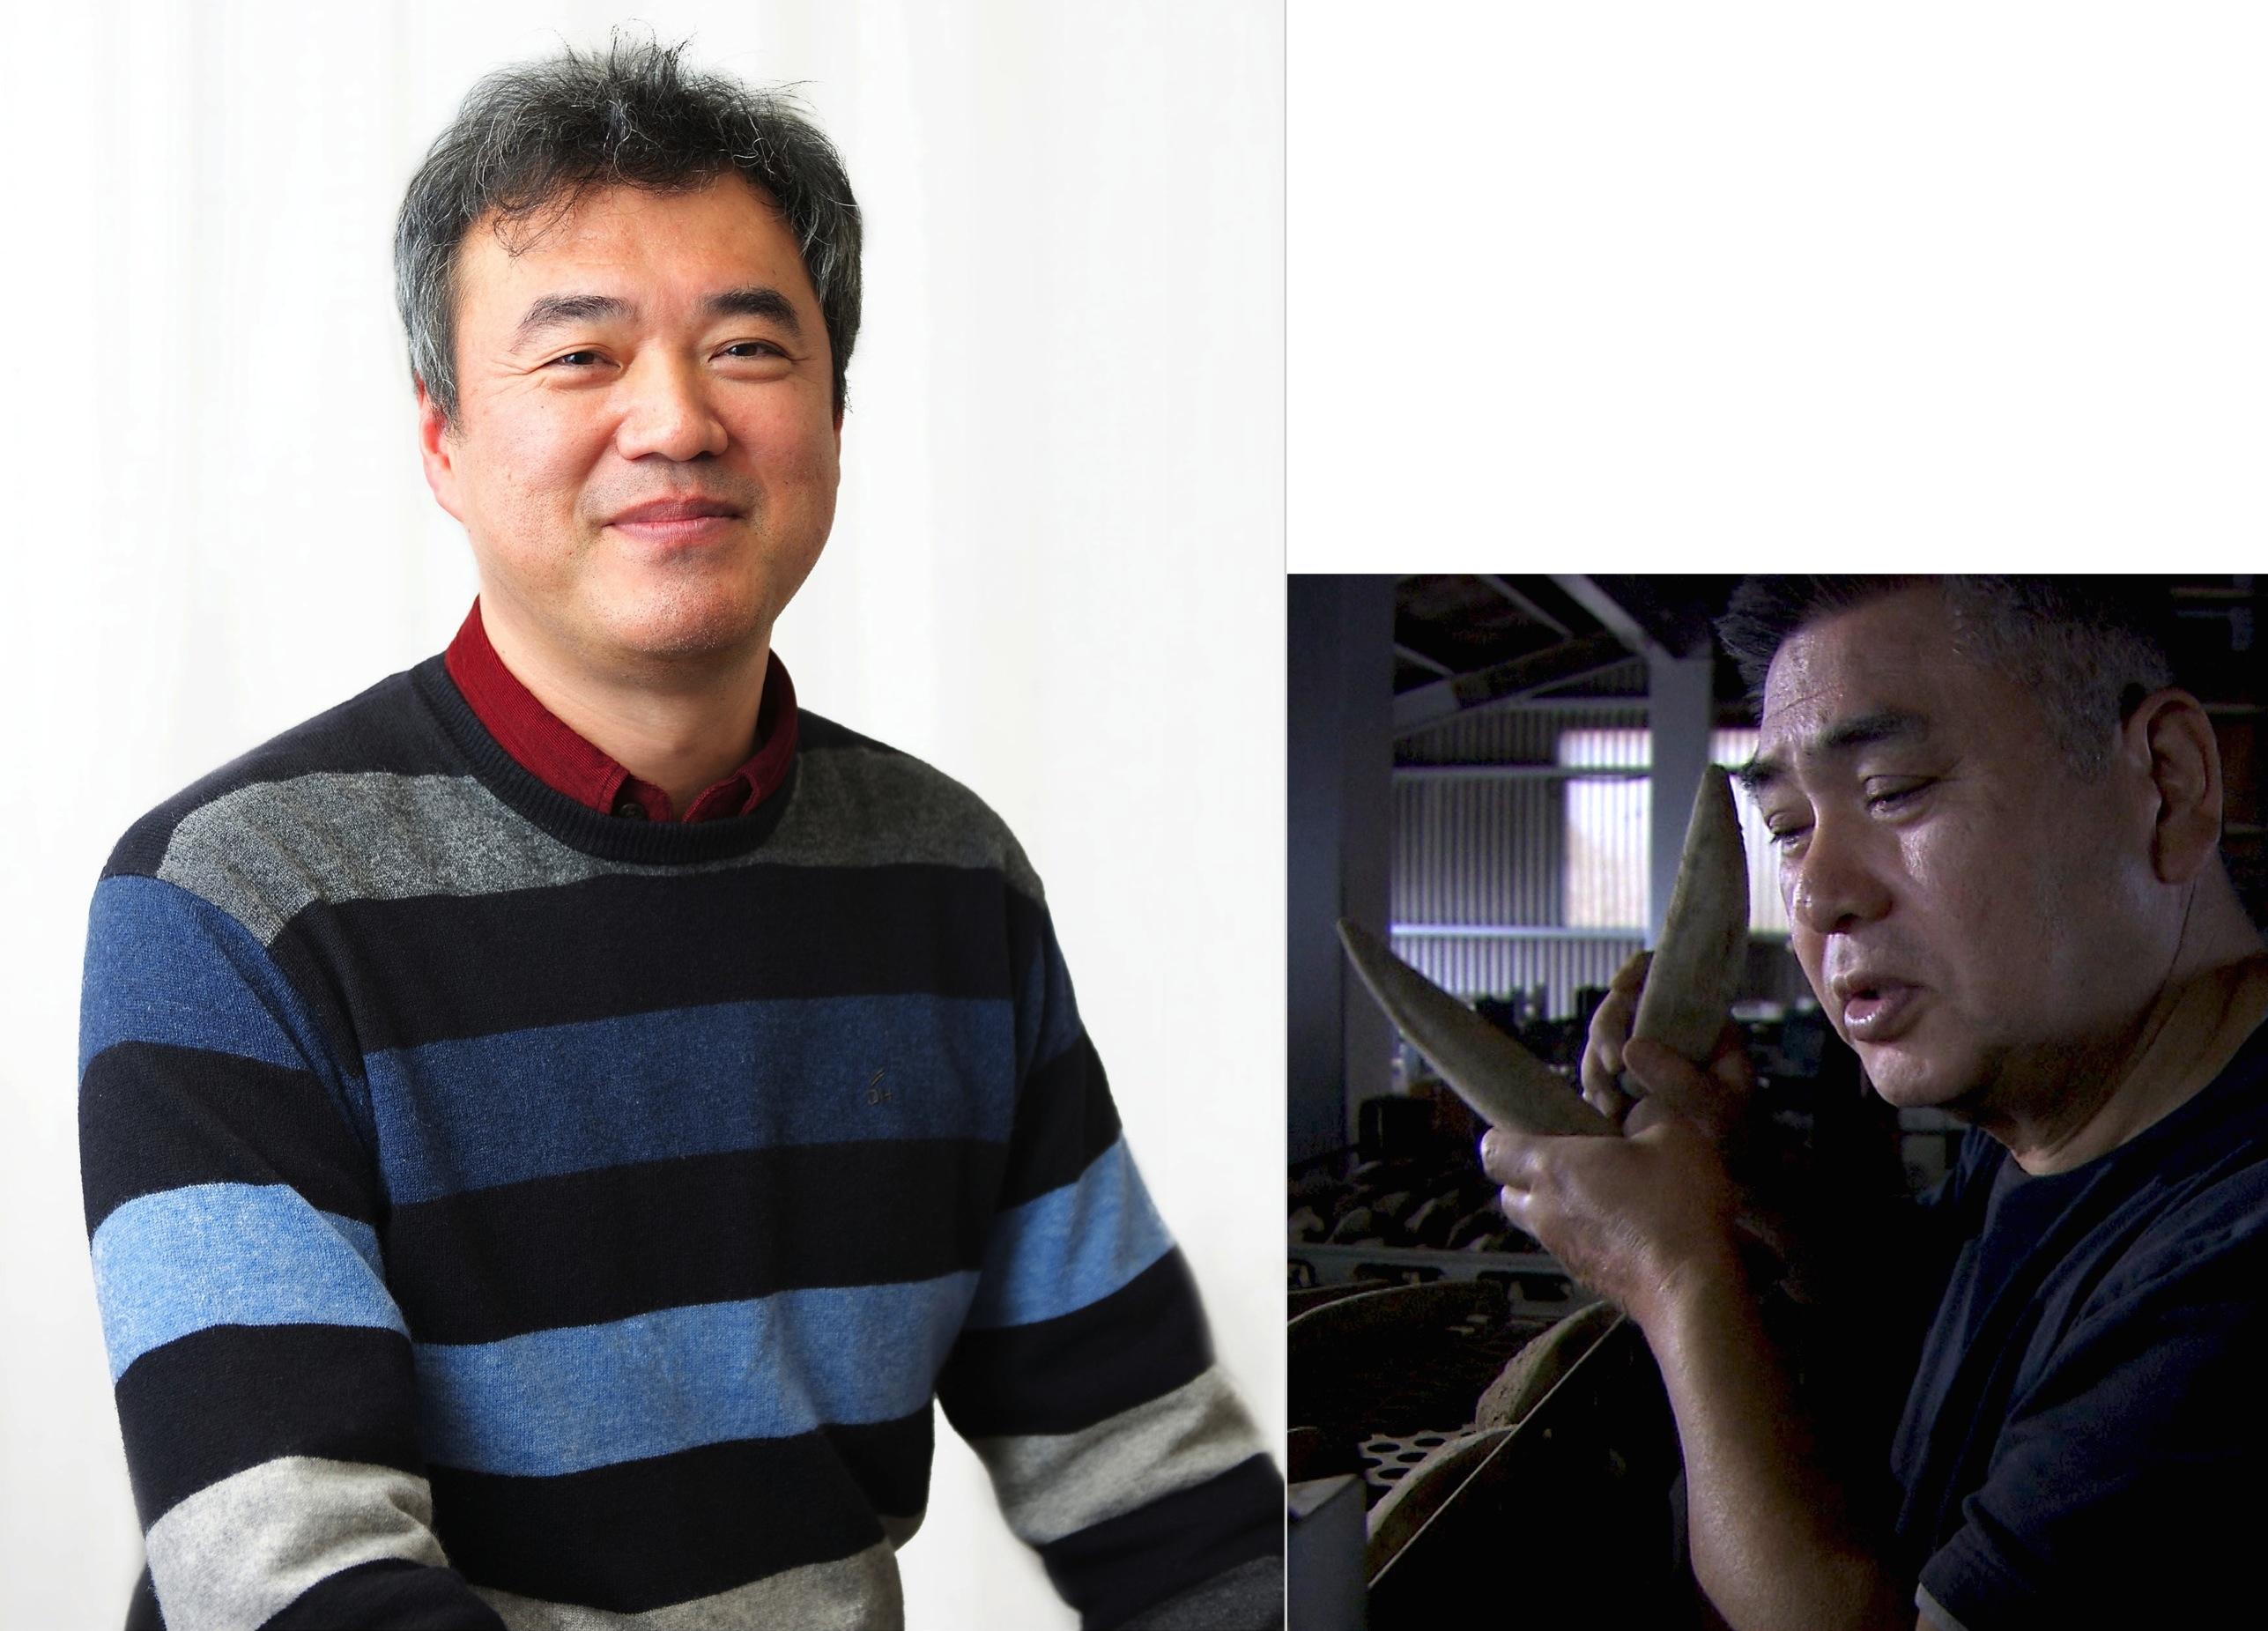 つい de サロン vol.1 柴田昌平「千年の一滴」映画監督